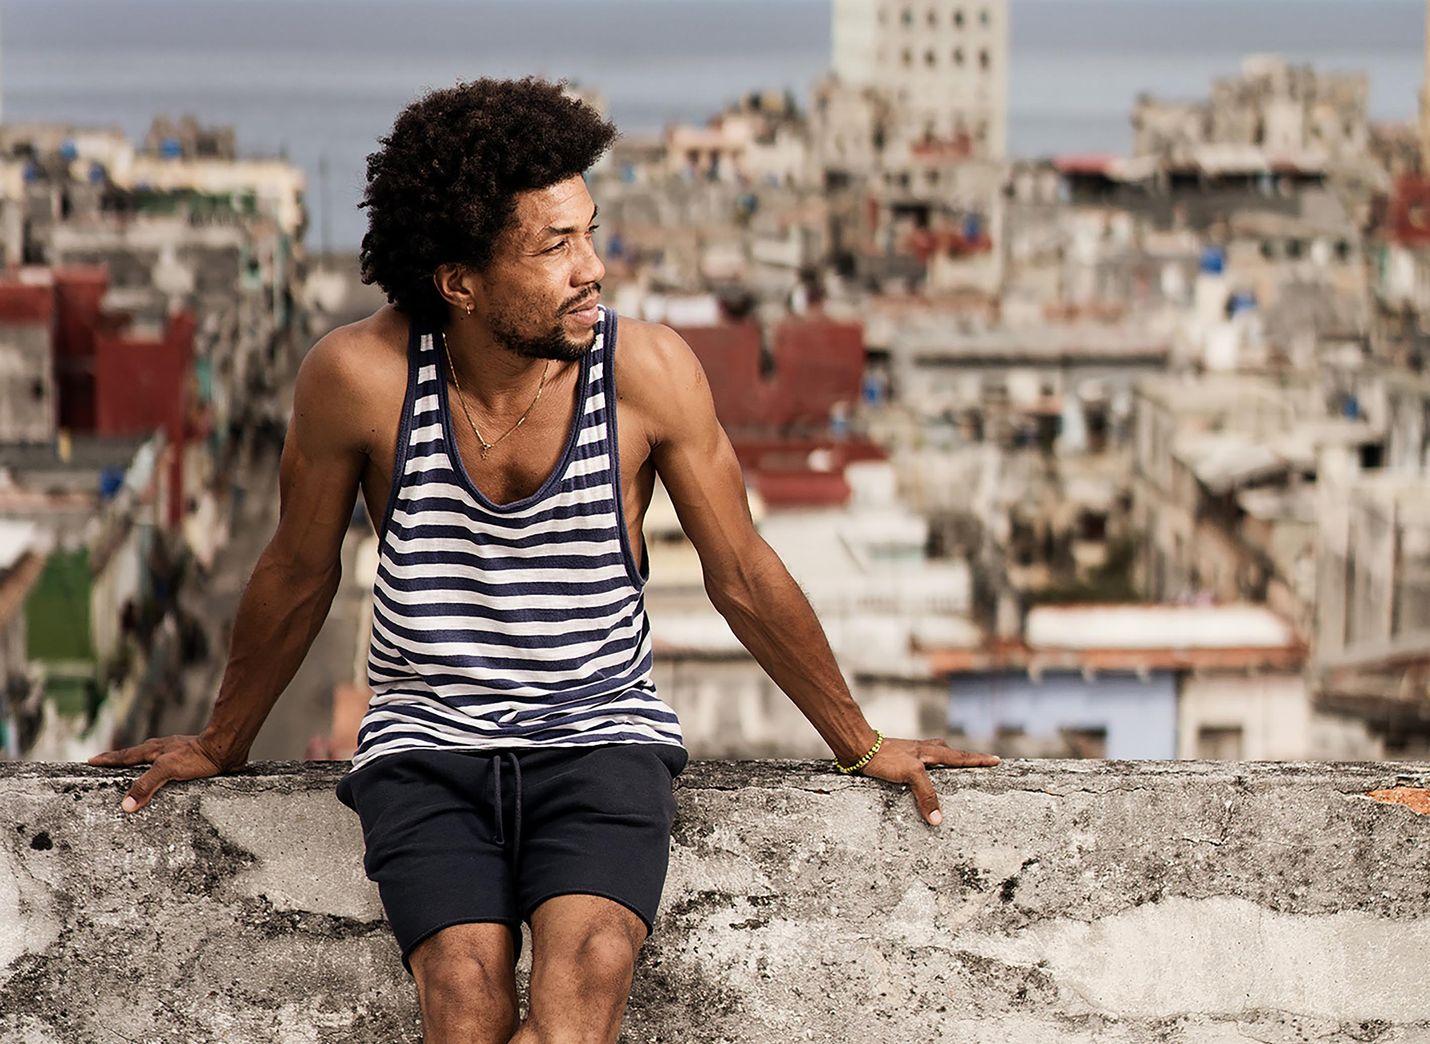 Erick Gomez asuu nyt Kuubassa, jonne hän lähti Suomesta kuutisen vuotta sitten, kun hänen äitinsä tarvitsi apua. Hän kävi edelleen Suomessa poikansa ja isänsä luona, mutta tämän vuoden helmikuussa tuli tieto, että hänen pysyvä oleskelulupansa on peruttu. Kuva Havannasta.